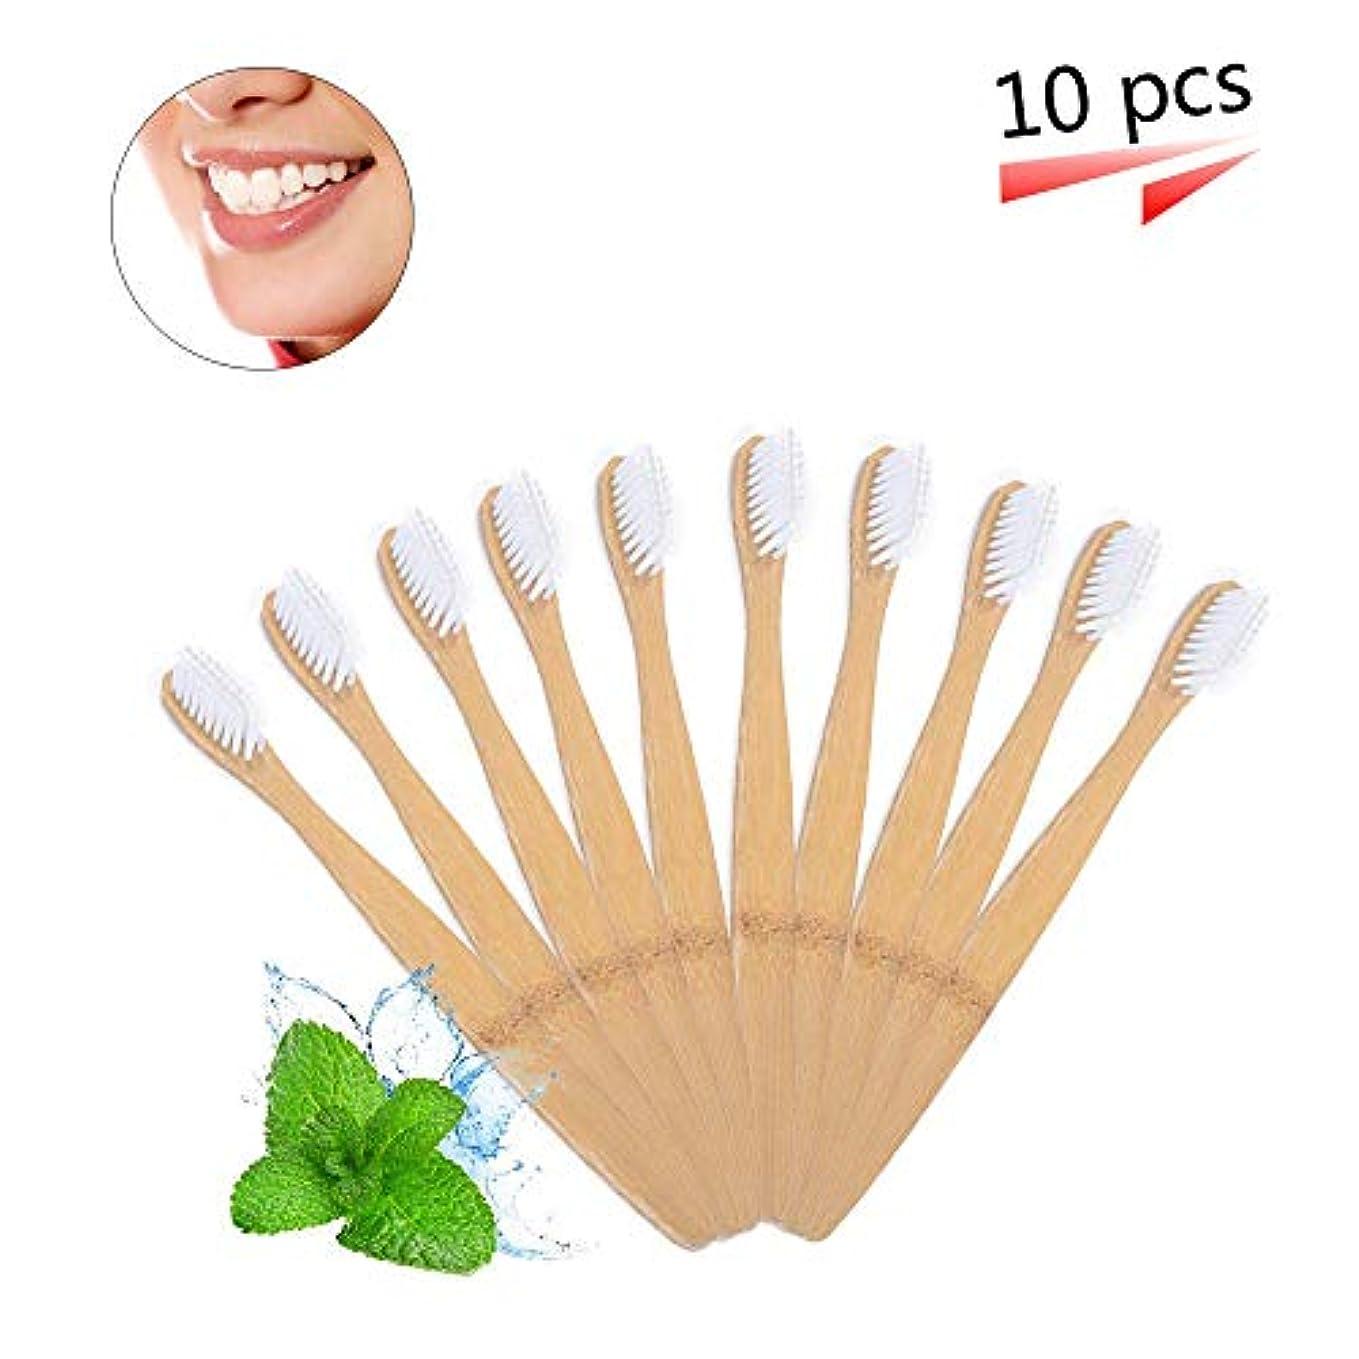 支給配管練る竹の歯ブラシ 分解性 環境保護の歯ブラシ 天然の柔らかいブラシ ホワイト 10本